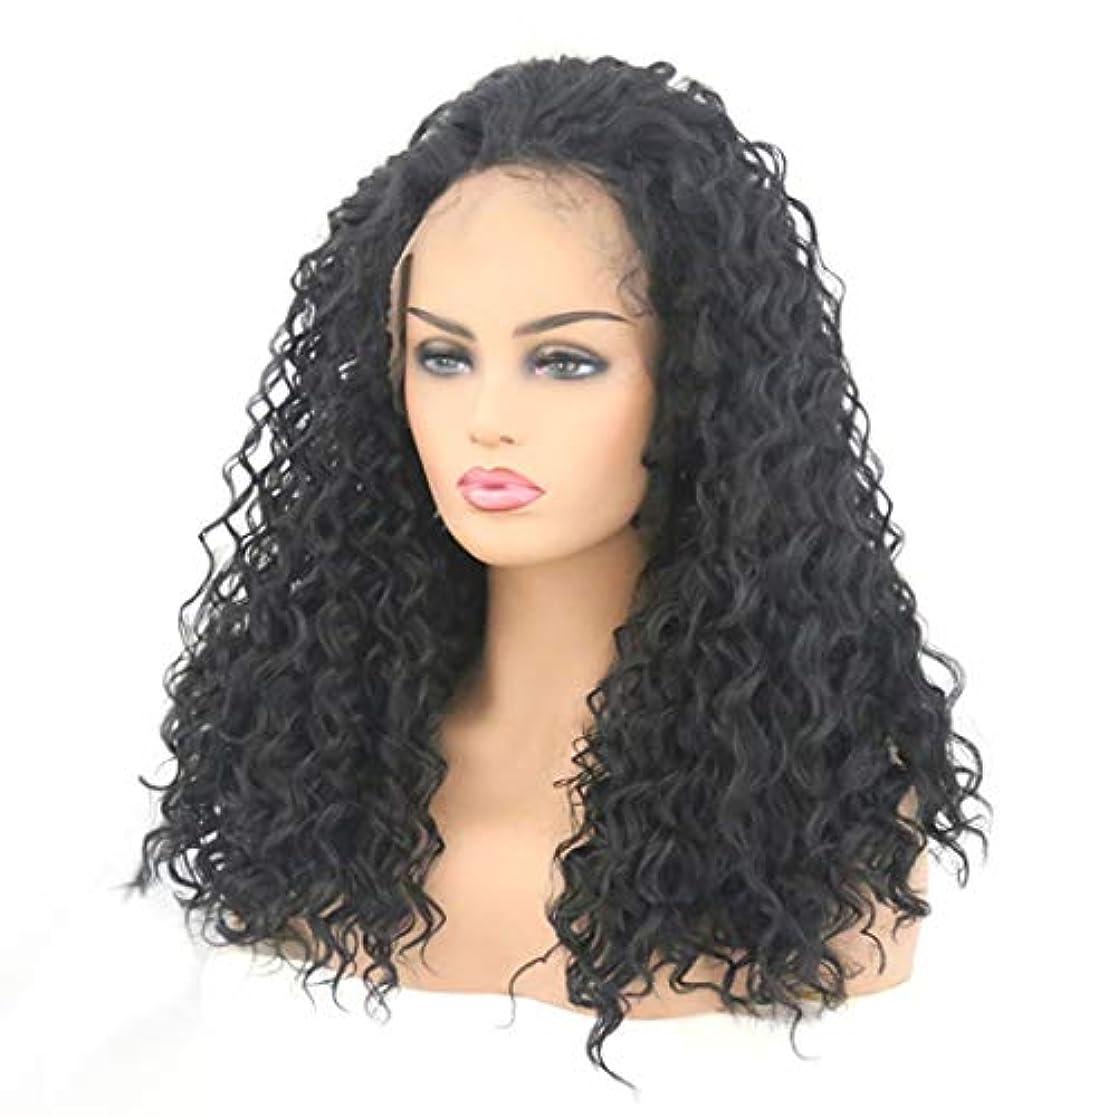 スチールループエレクトロニックSummerys 女性のための黒の小さな巻き毛の長い巻き毛のフロントレース高温シルク